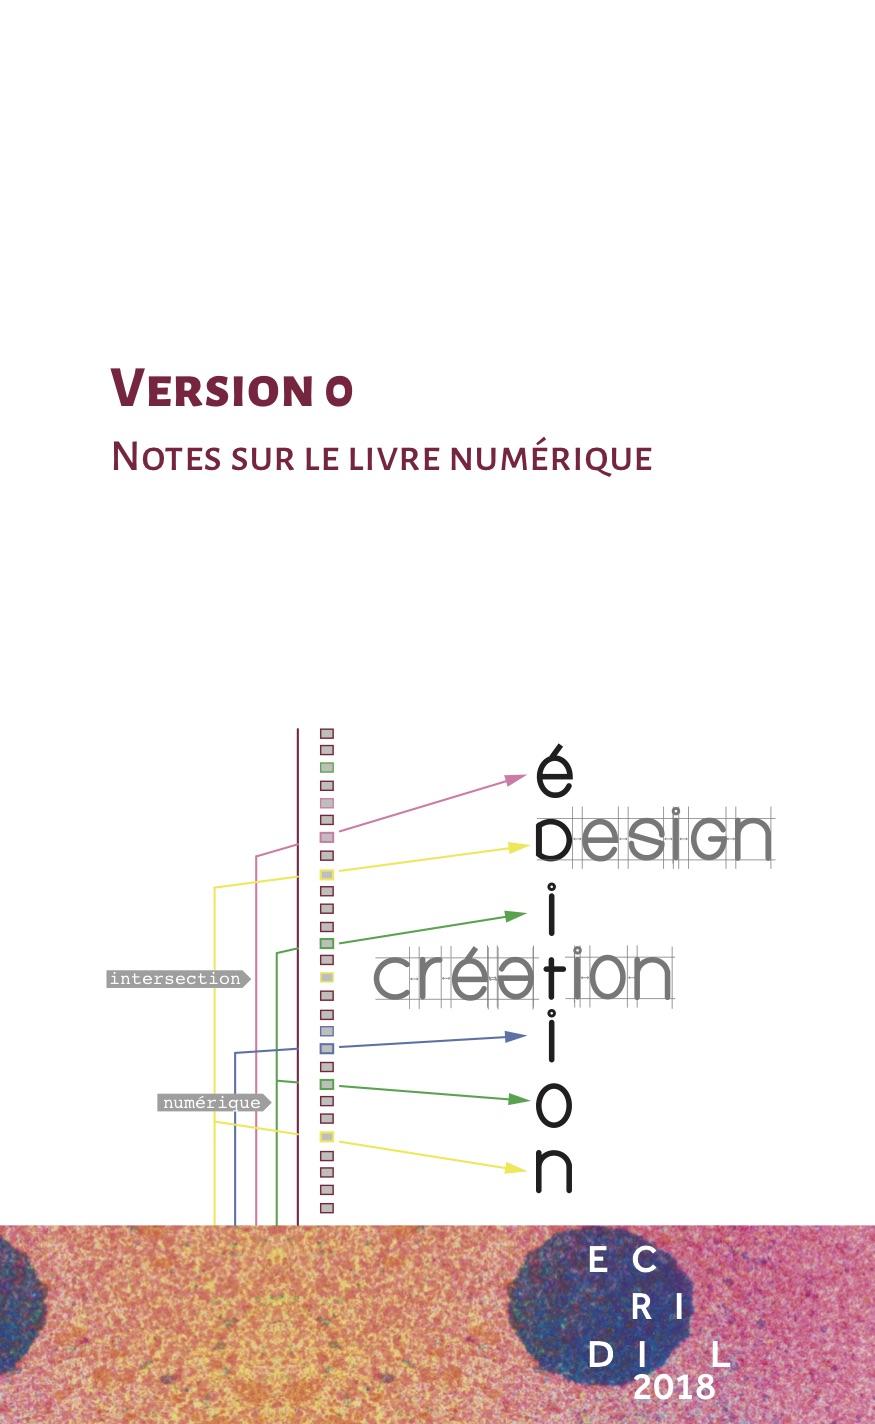 L'édition savante: numérique, modulaire, et à la demande